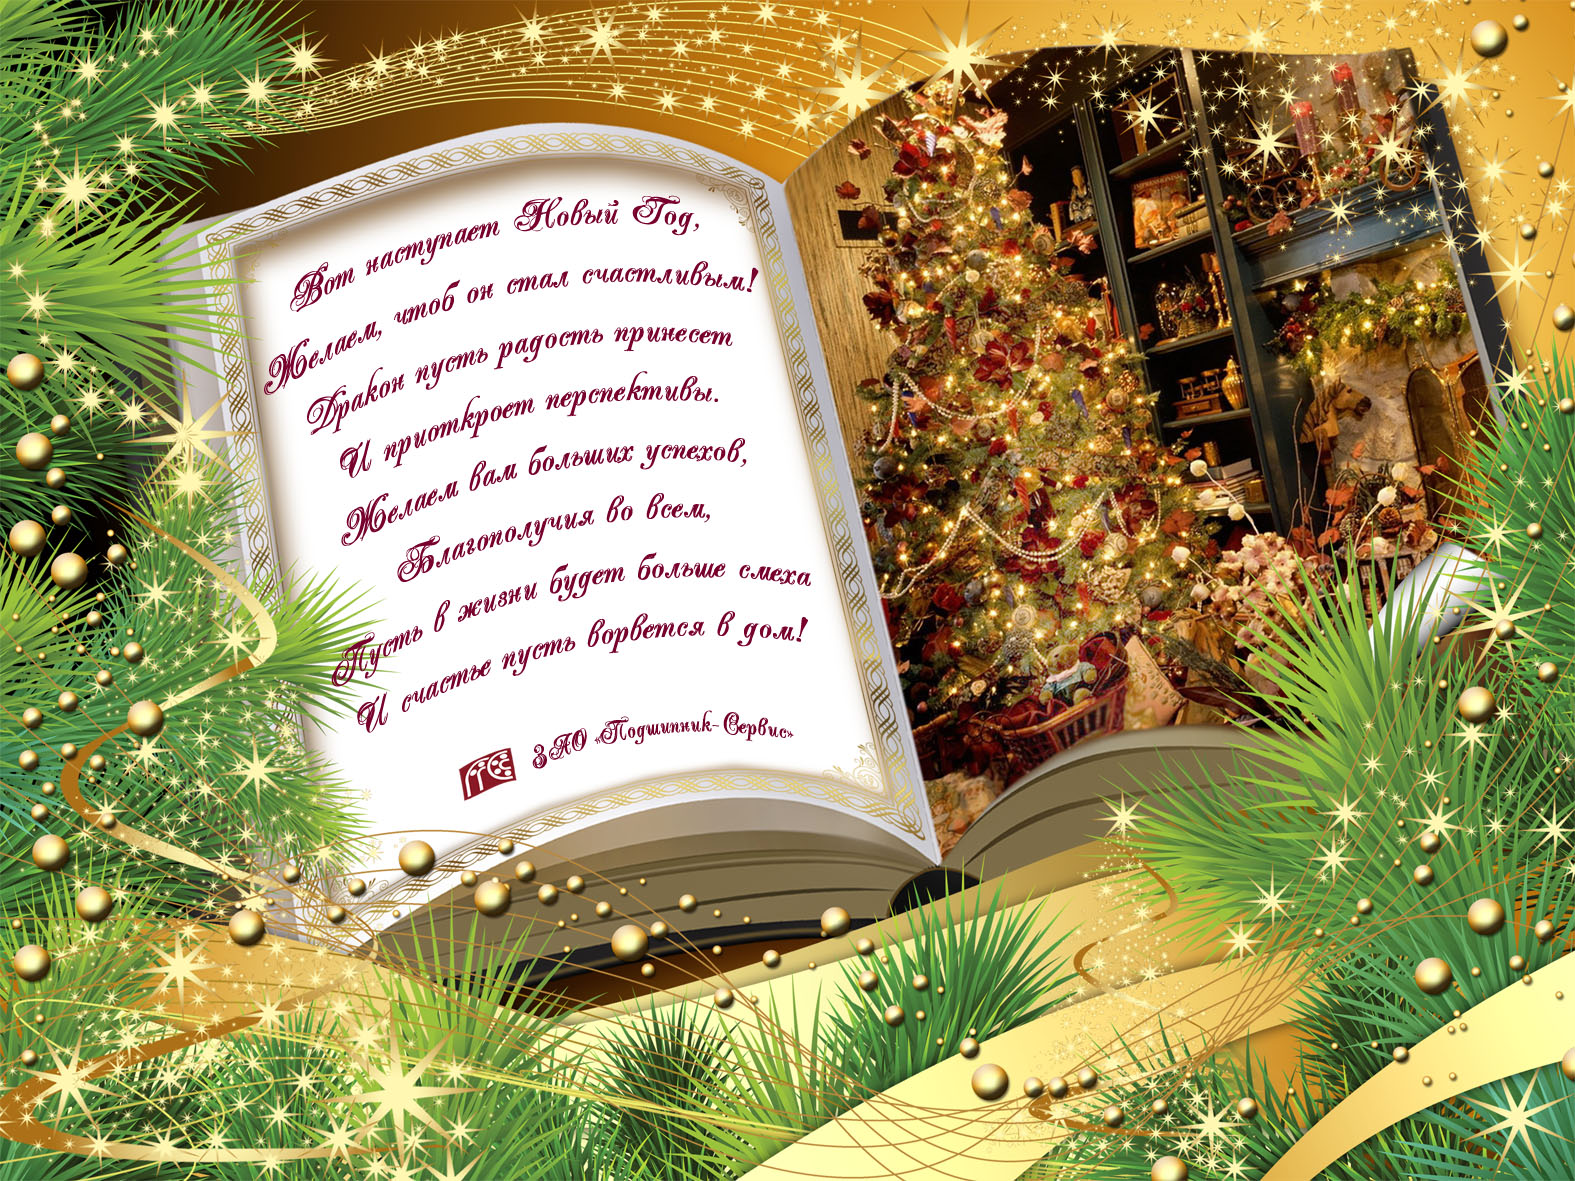 Новогодняя lt b gt открытка lt b gt от lt b gt зао lt b gt подшипник сервис